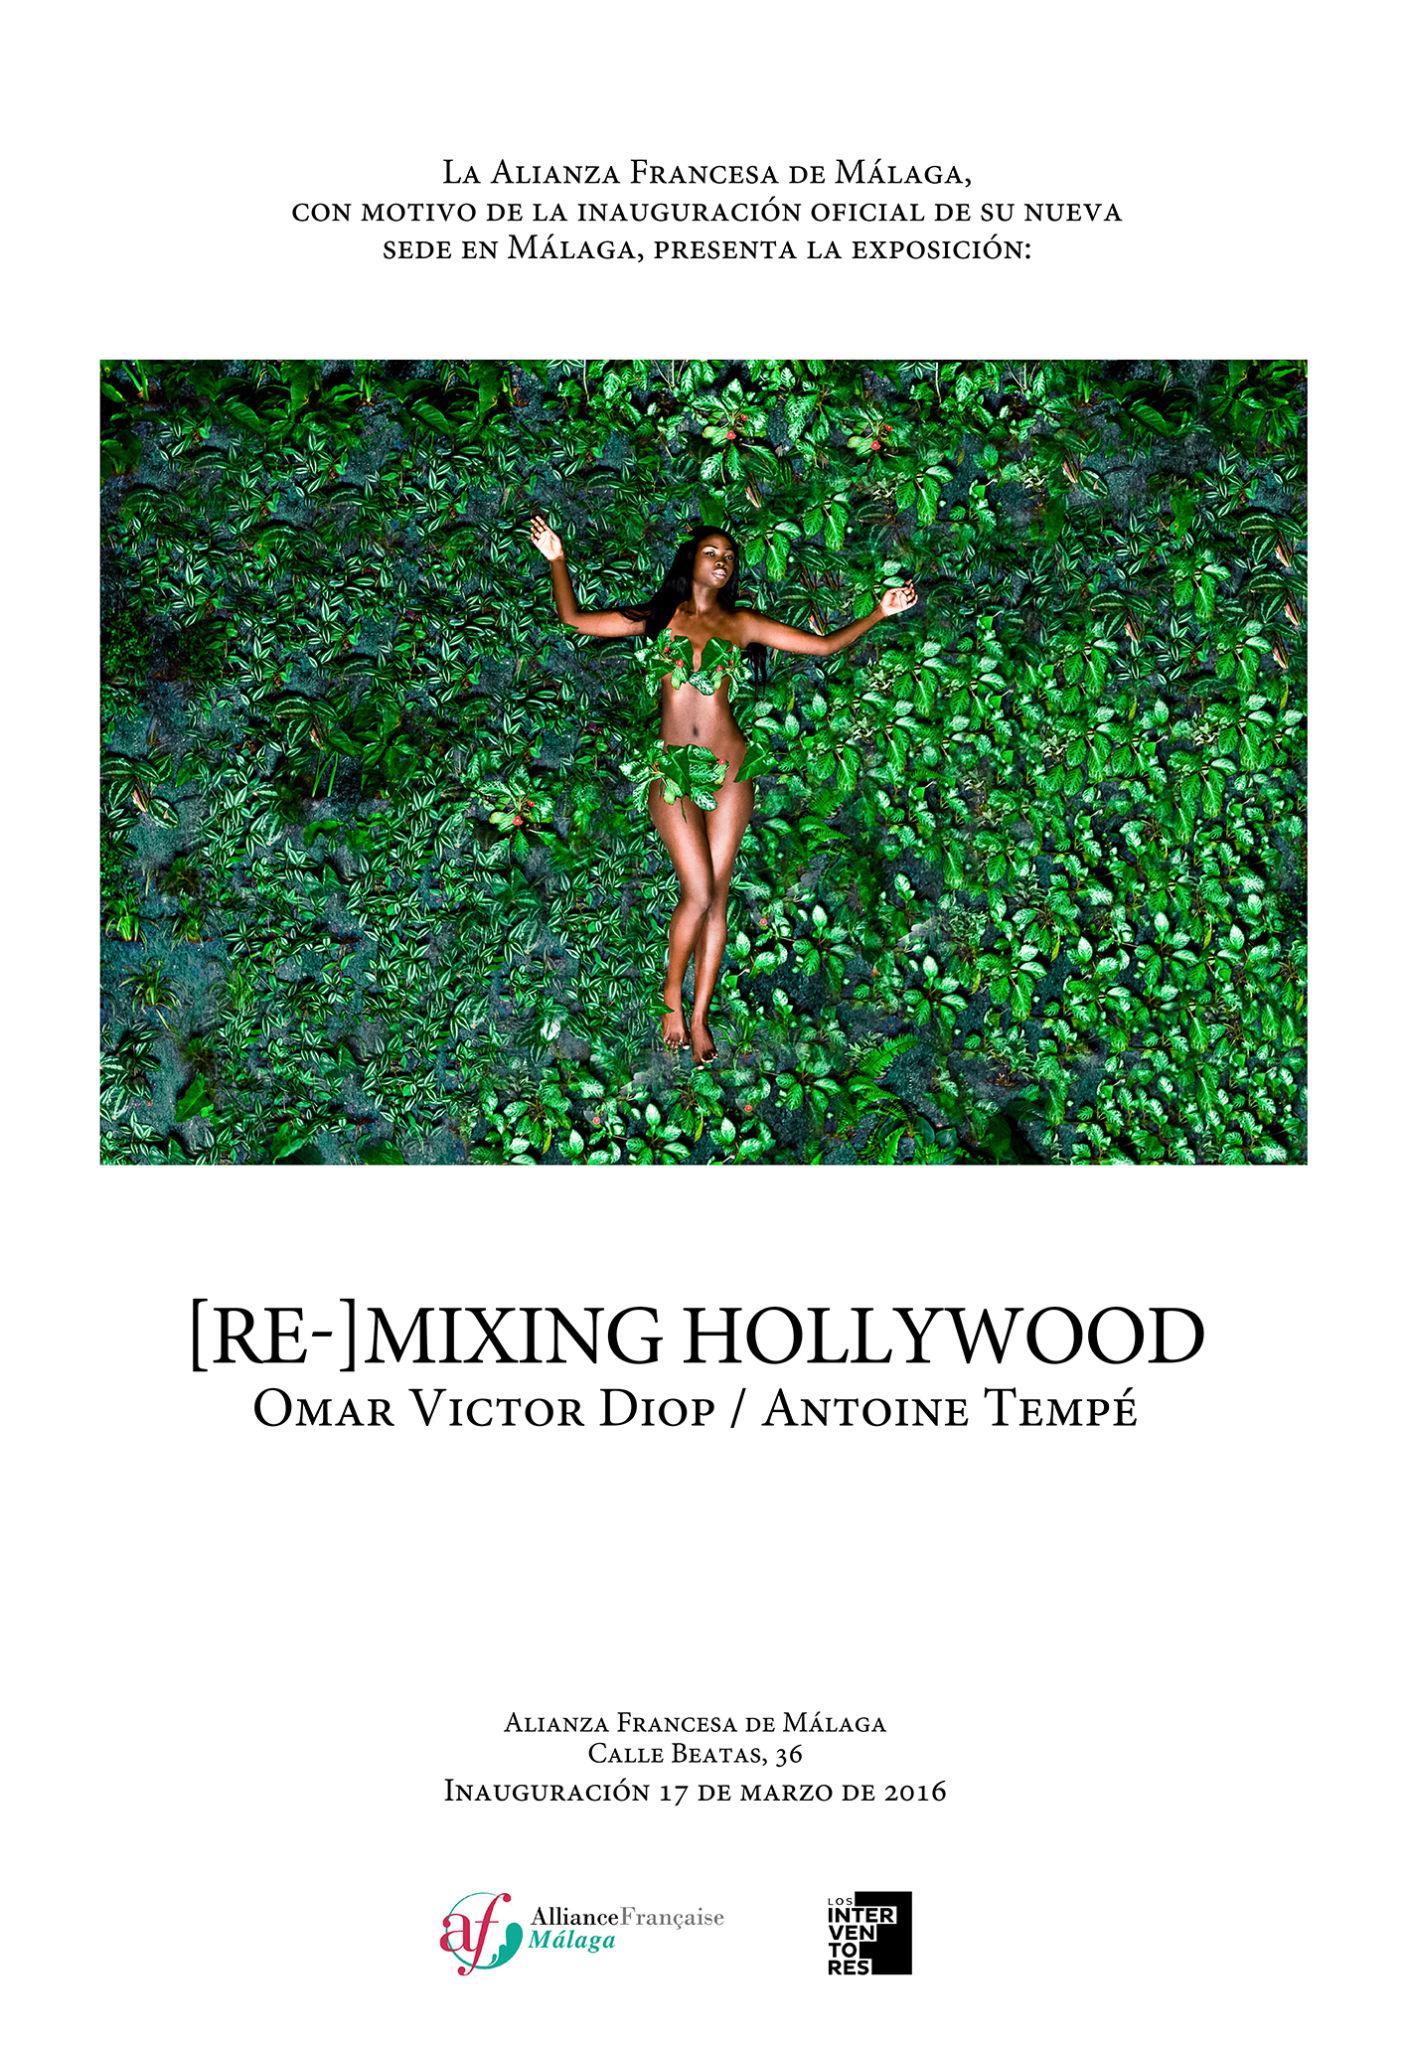 Meta ficciones sobre hollywood de omar victor diop y for Sala hollywood malaga